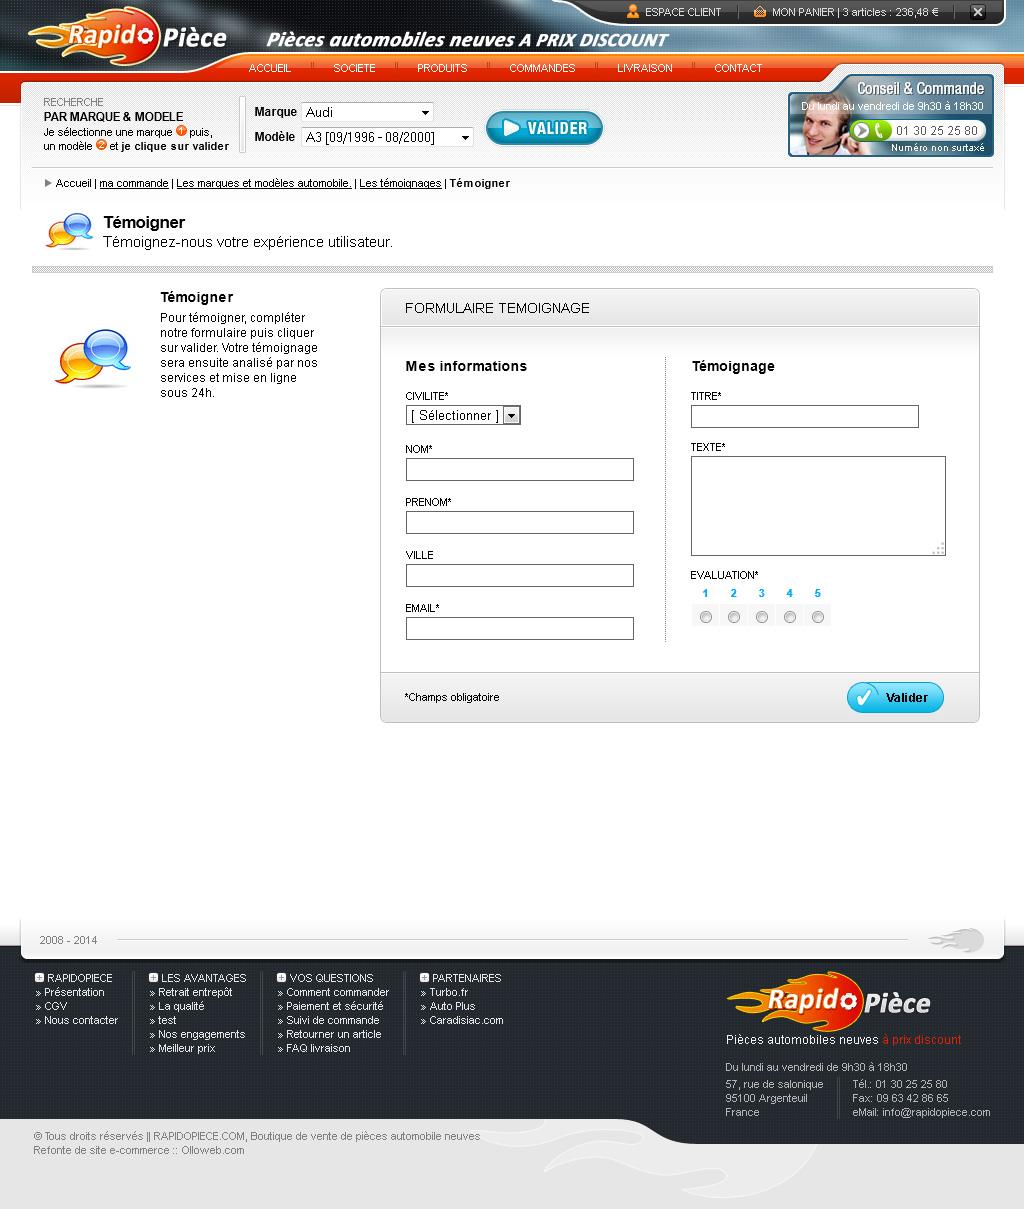 Détail du formulaire de témoignage du site e-commerce